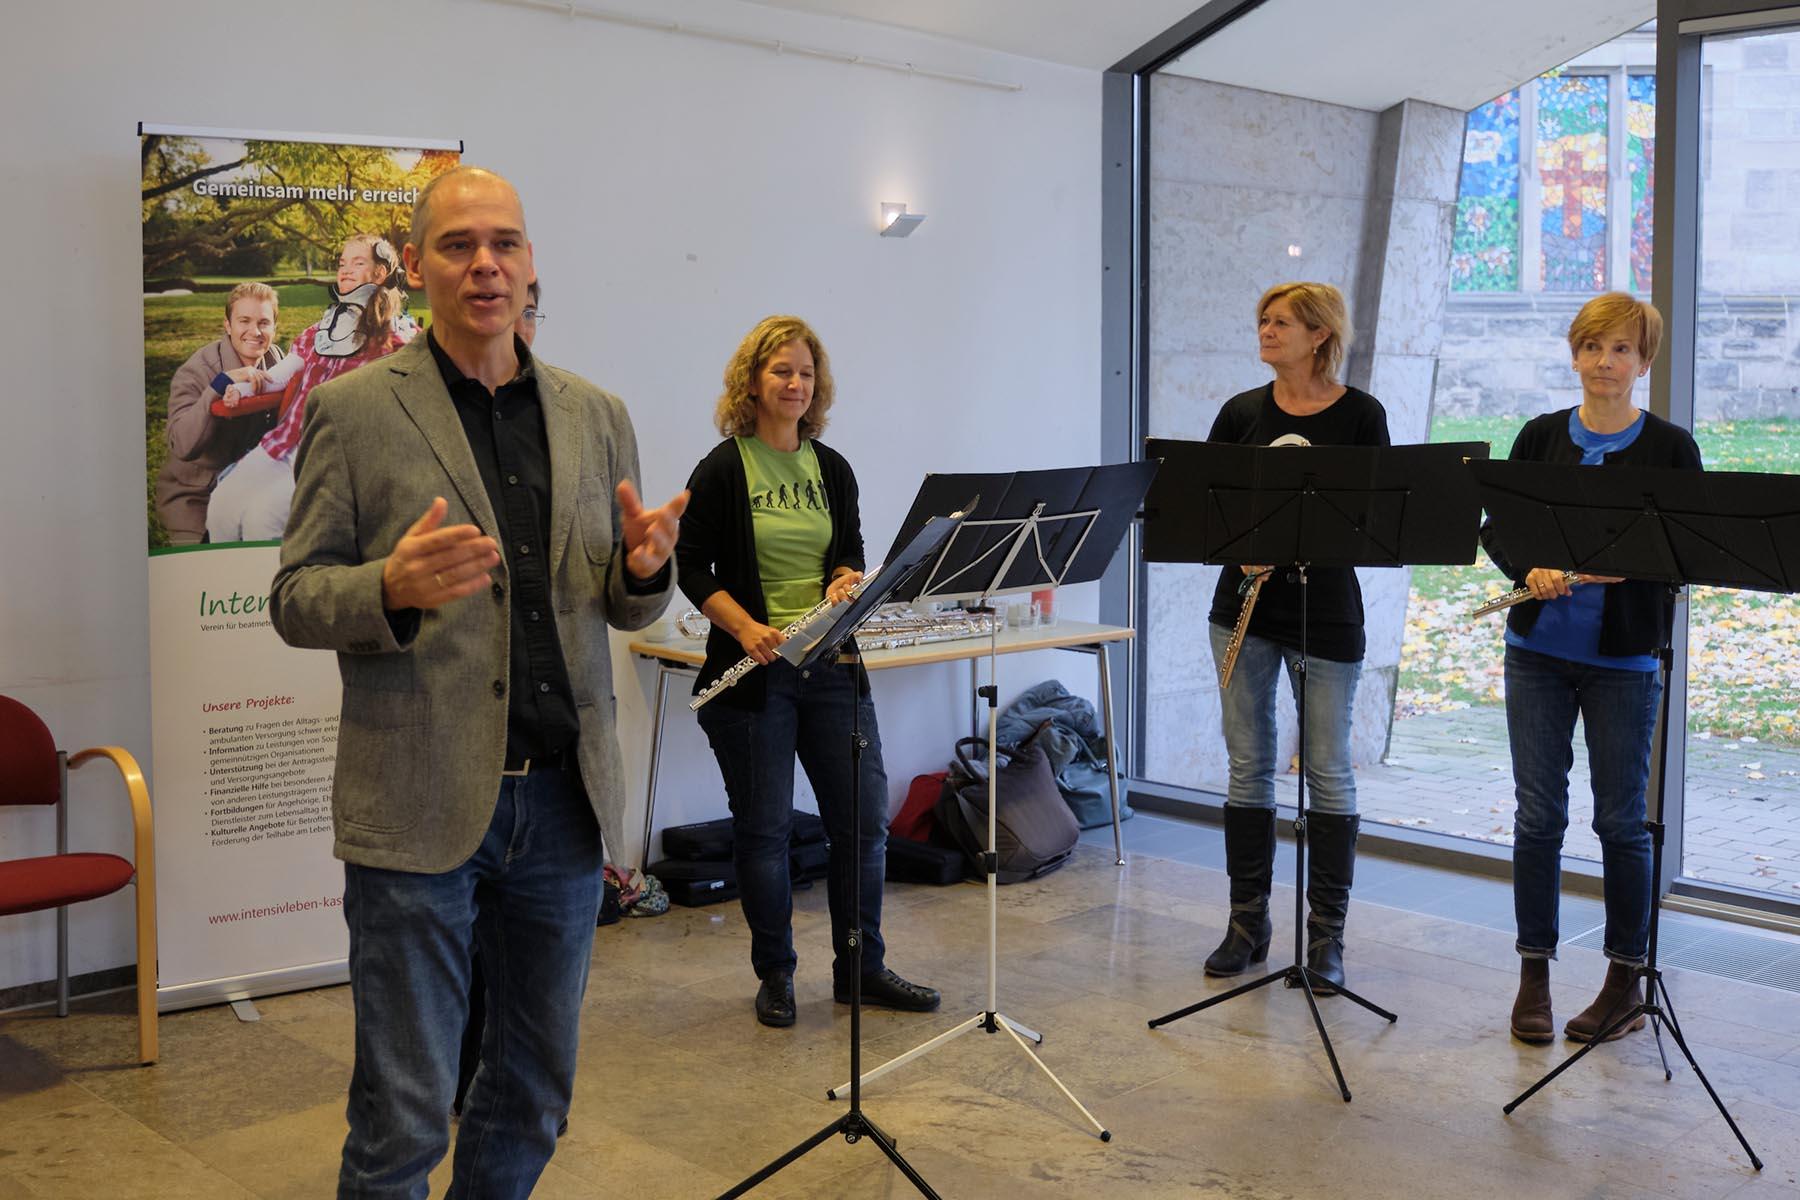 Zum-Intensivcafé-in-kassel-kamen-auch-drei-floetistinnen-die-das-treffen-musikalisch-begleiteten-auf unserem-bild-wird-das-trio-von-markus-behrendt-vorgestellt